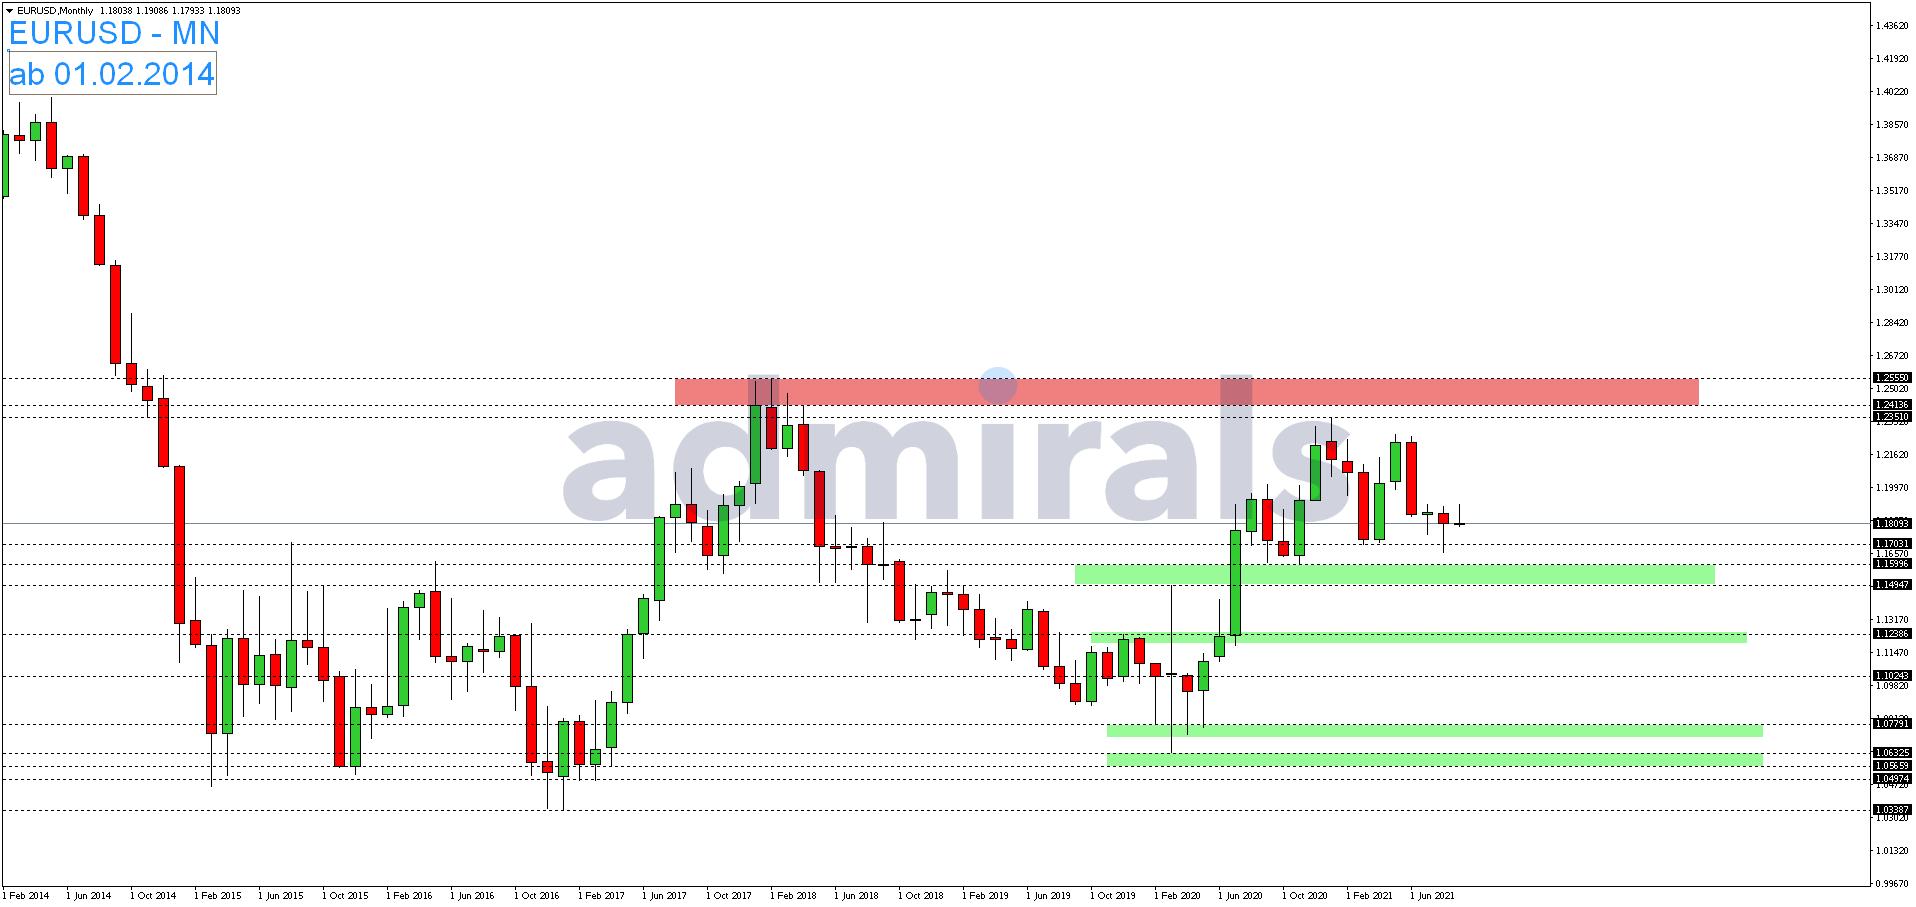 EUR-USD-fällt-nach-anfänglichem-Anstieg-zurück-Kommentar-Admirals-GodmodeTrader.de-1